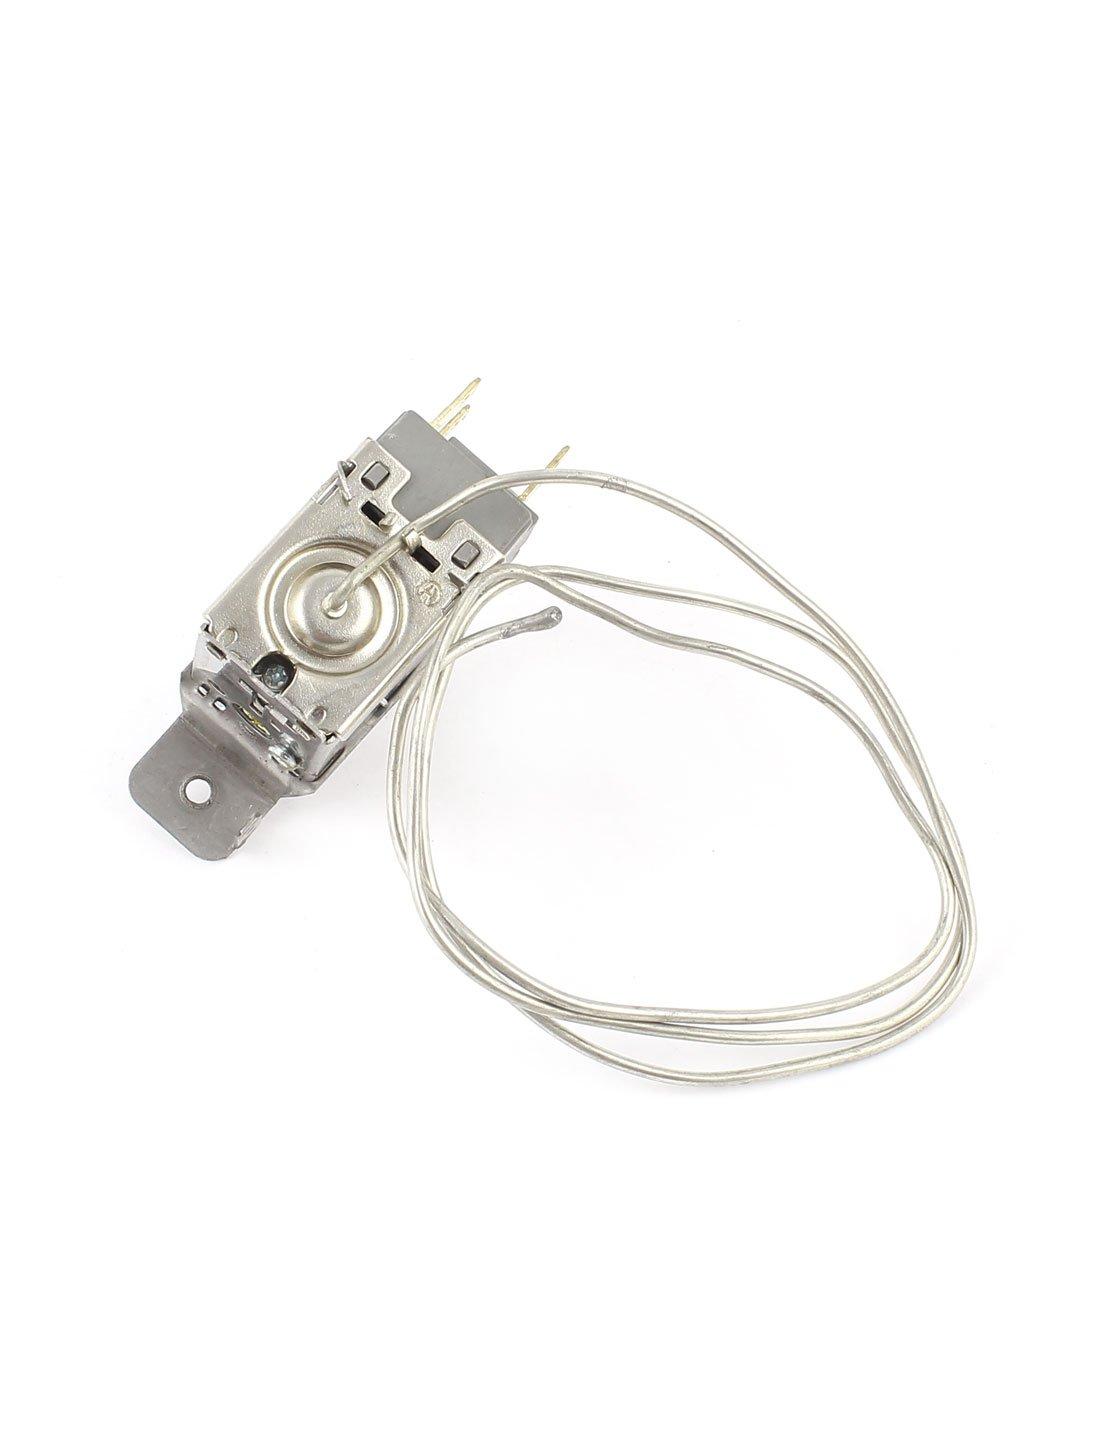 S810whrxxxl guardapolvos bolton desde tinteggiatore con tirantes Portwest blanco 3 xl